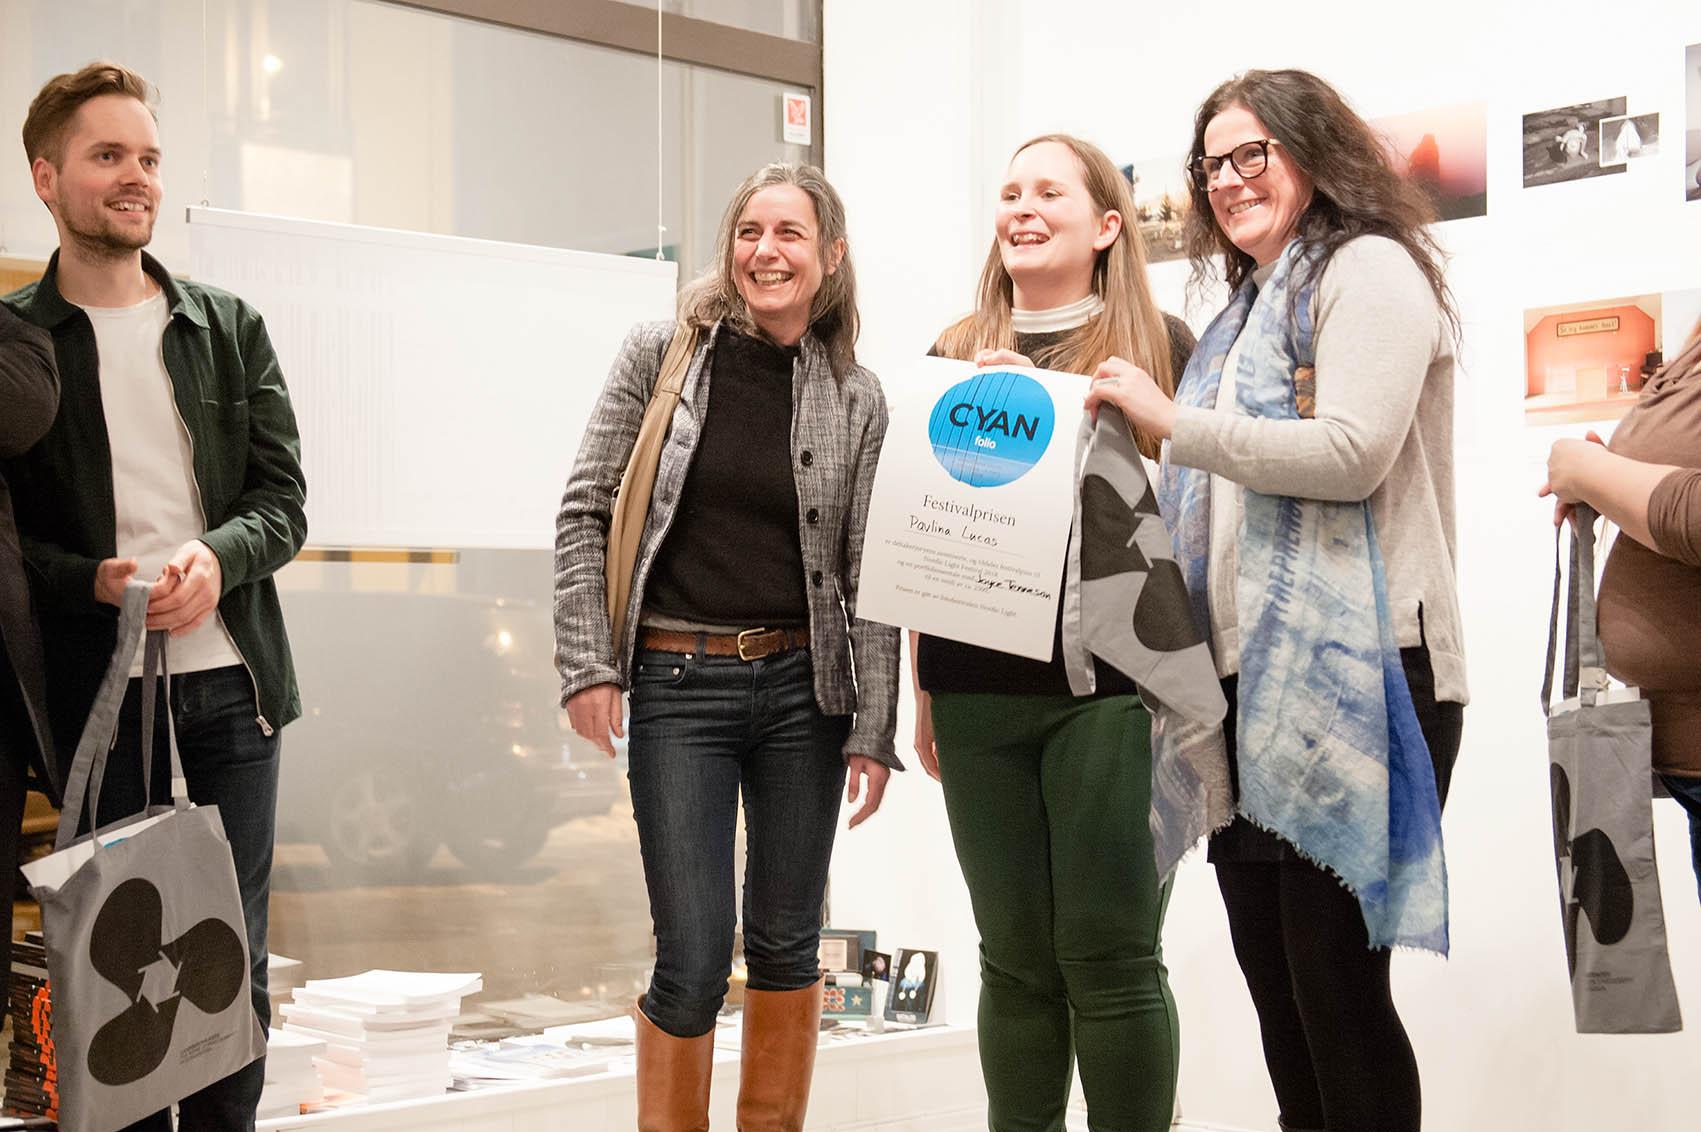 Pavlina Lucas vant Festivalprisen gitt av Katrine Øvstegård og Ingunn Strand fra Nordic Light Fotofestival